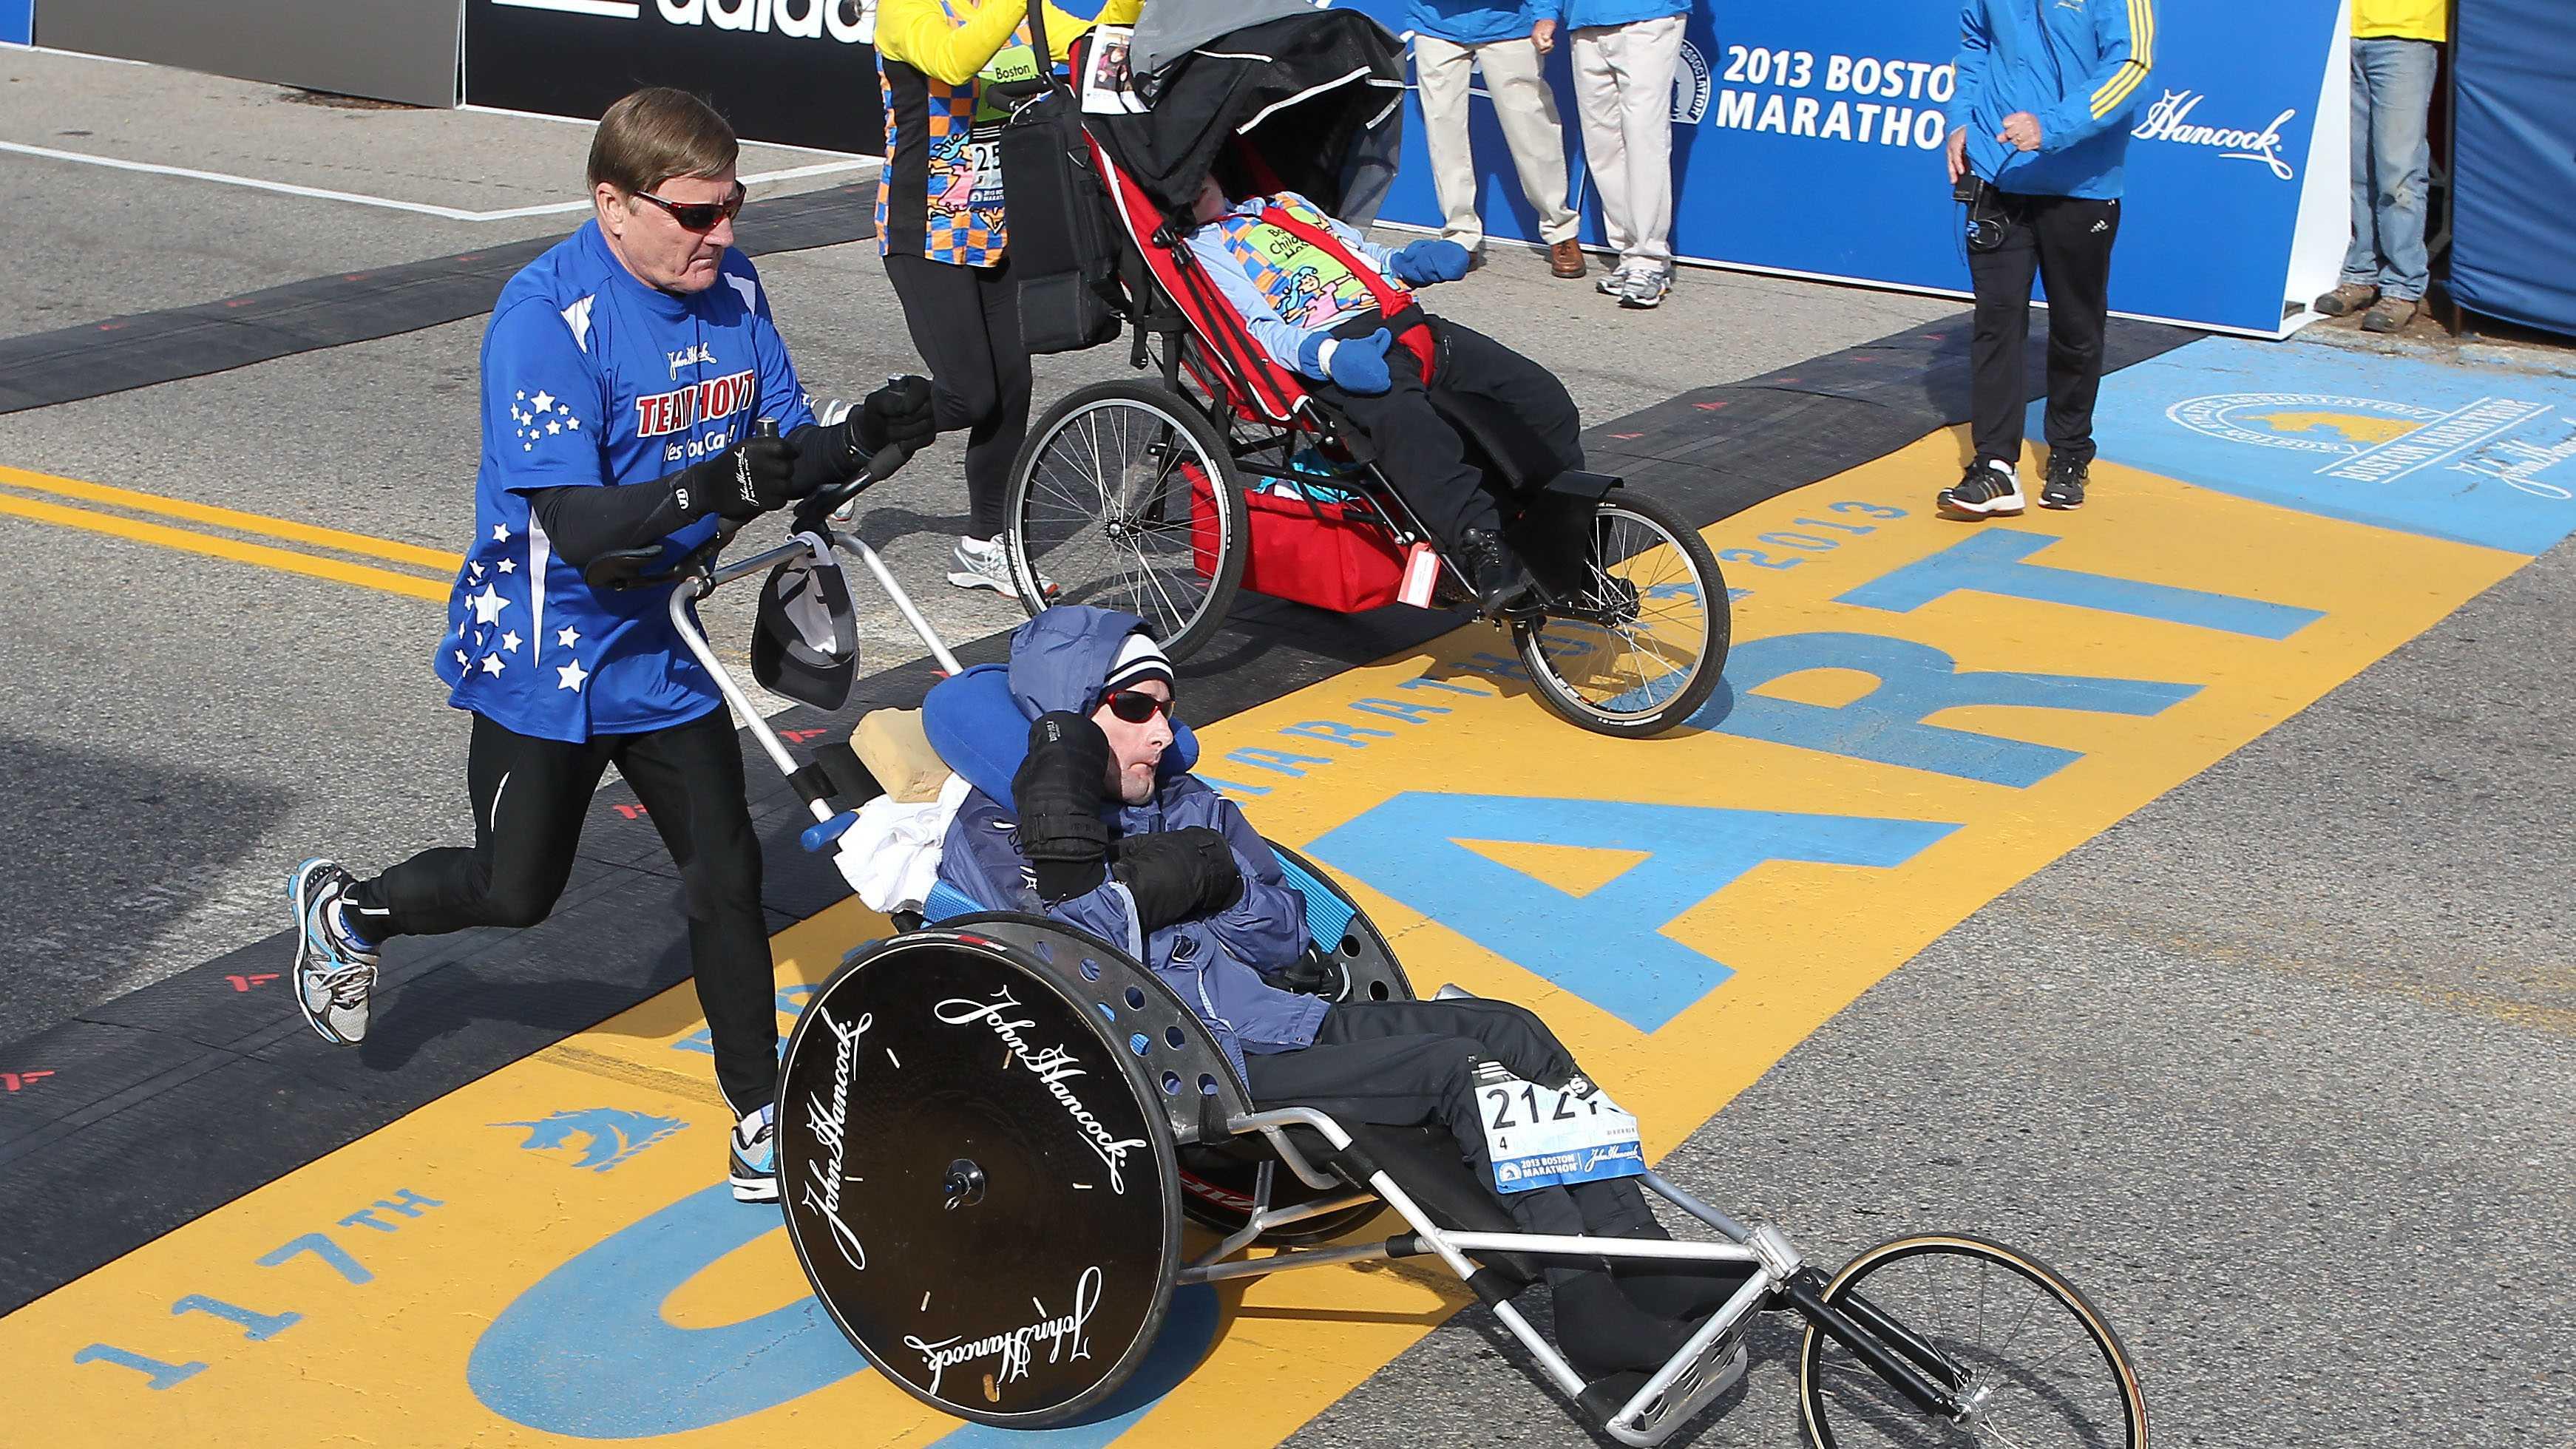 2013 Marathon Dick Rick Hoyt